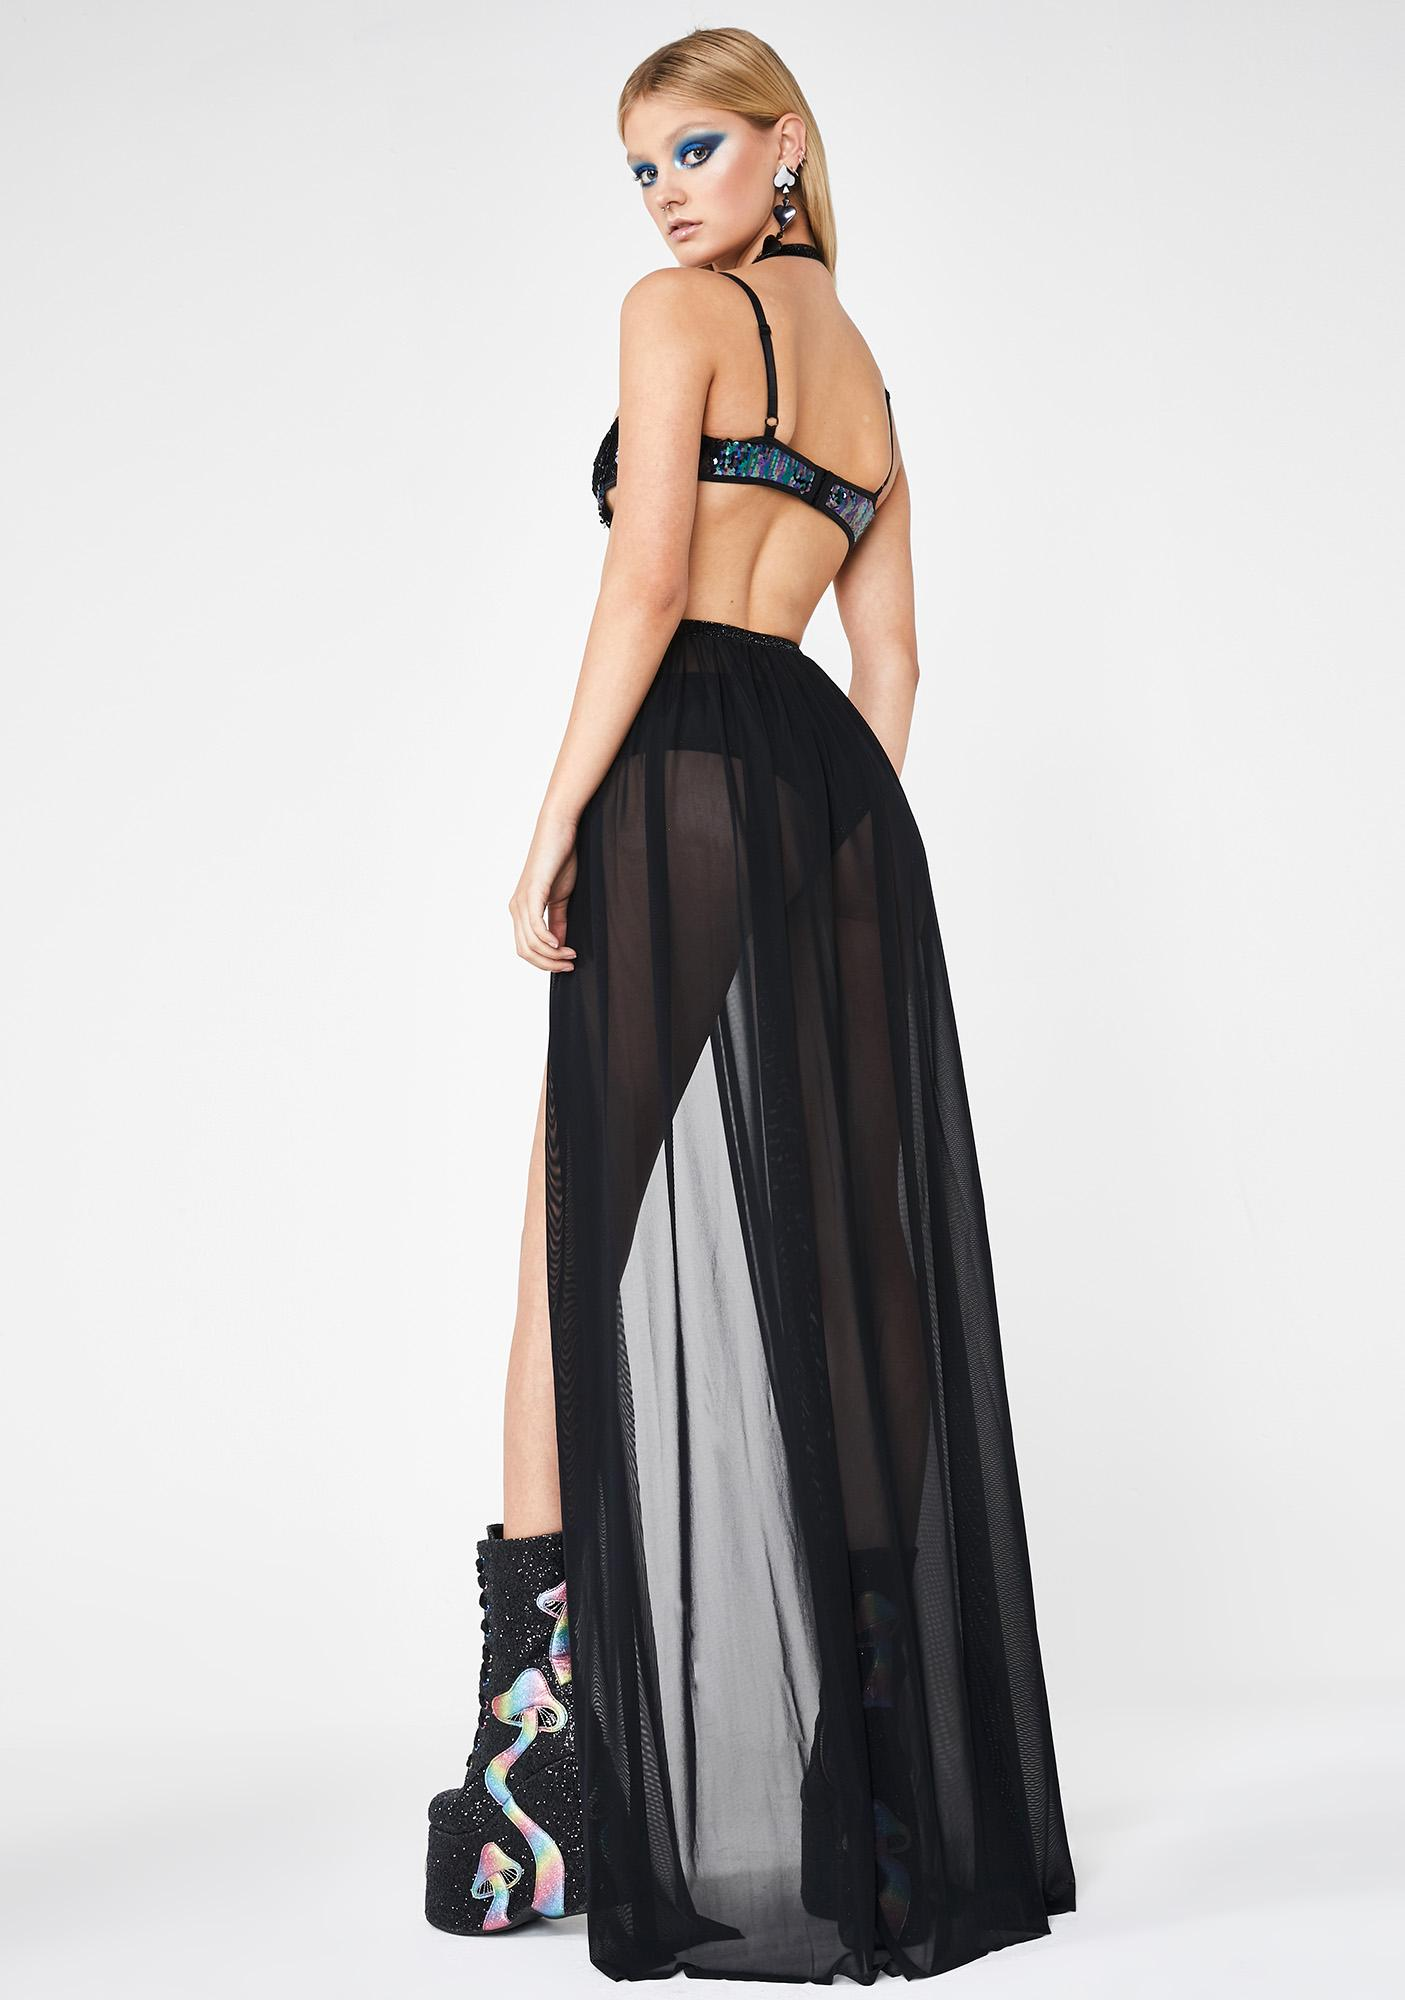 J Valentine Spellbound Harness Skirt